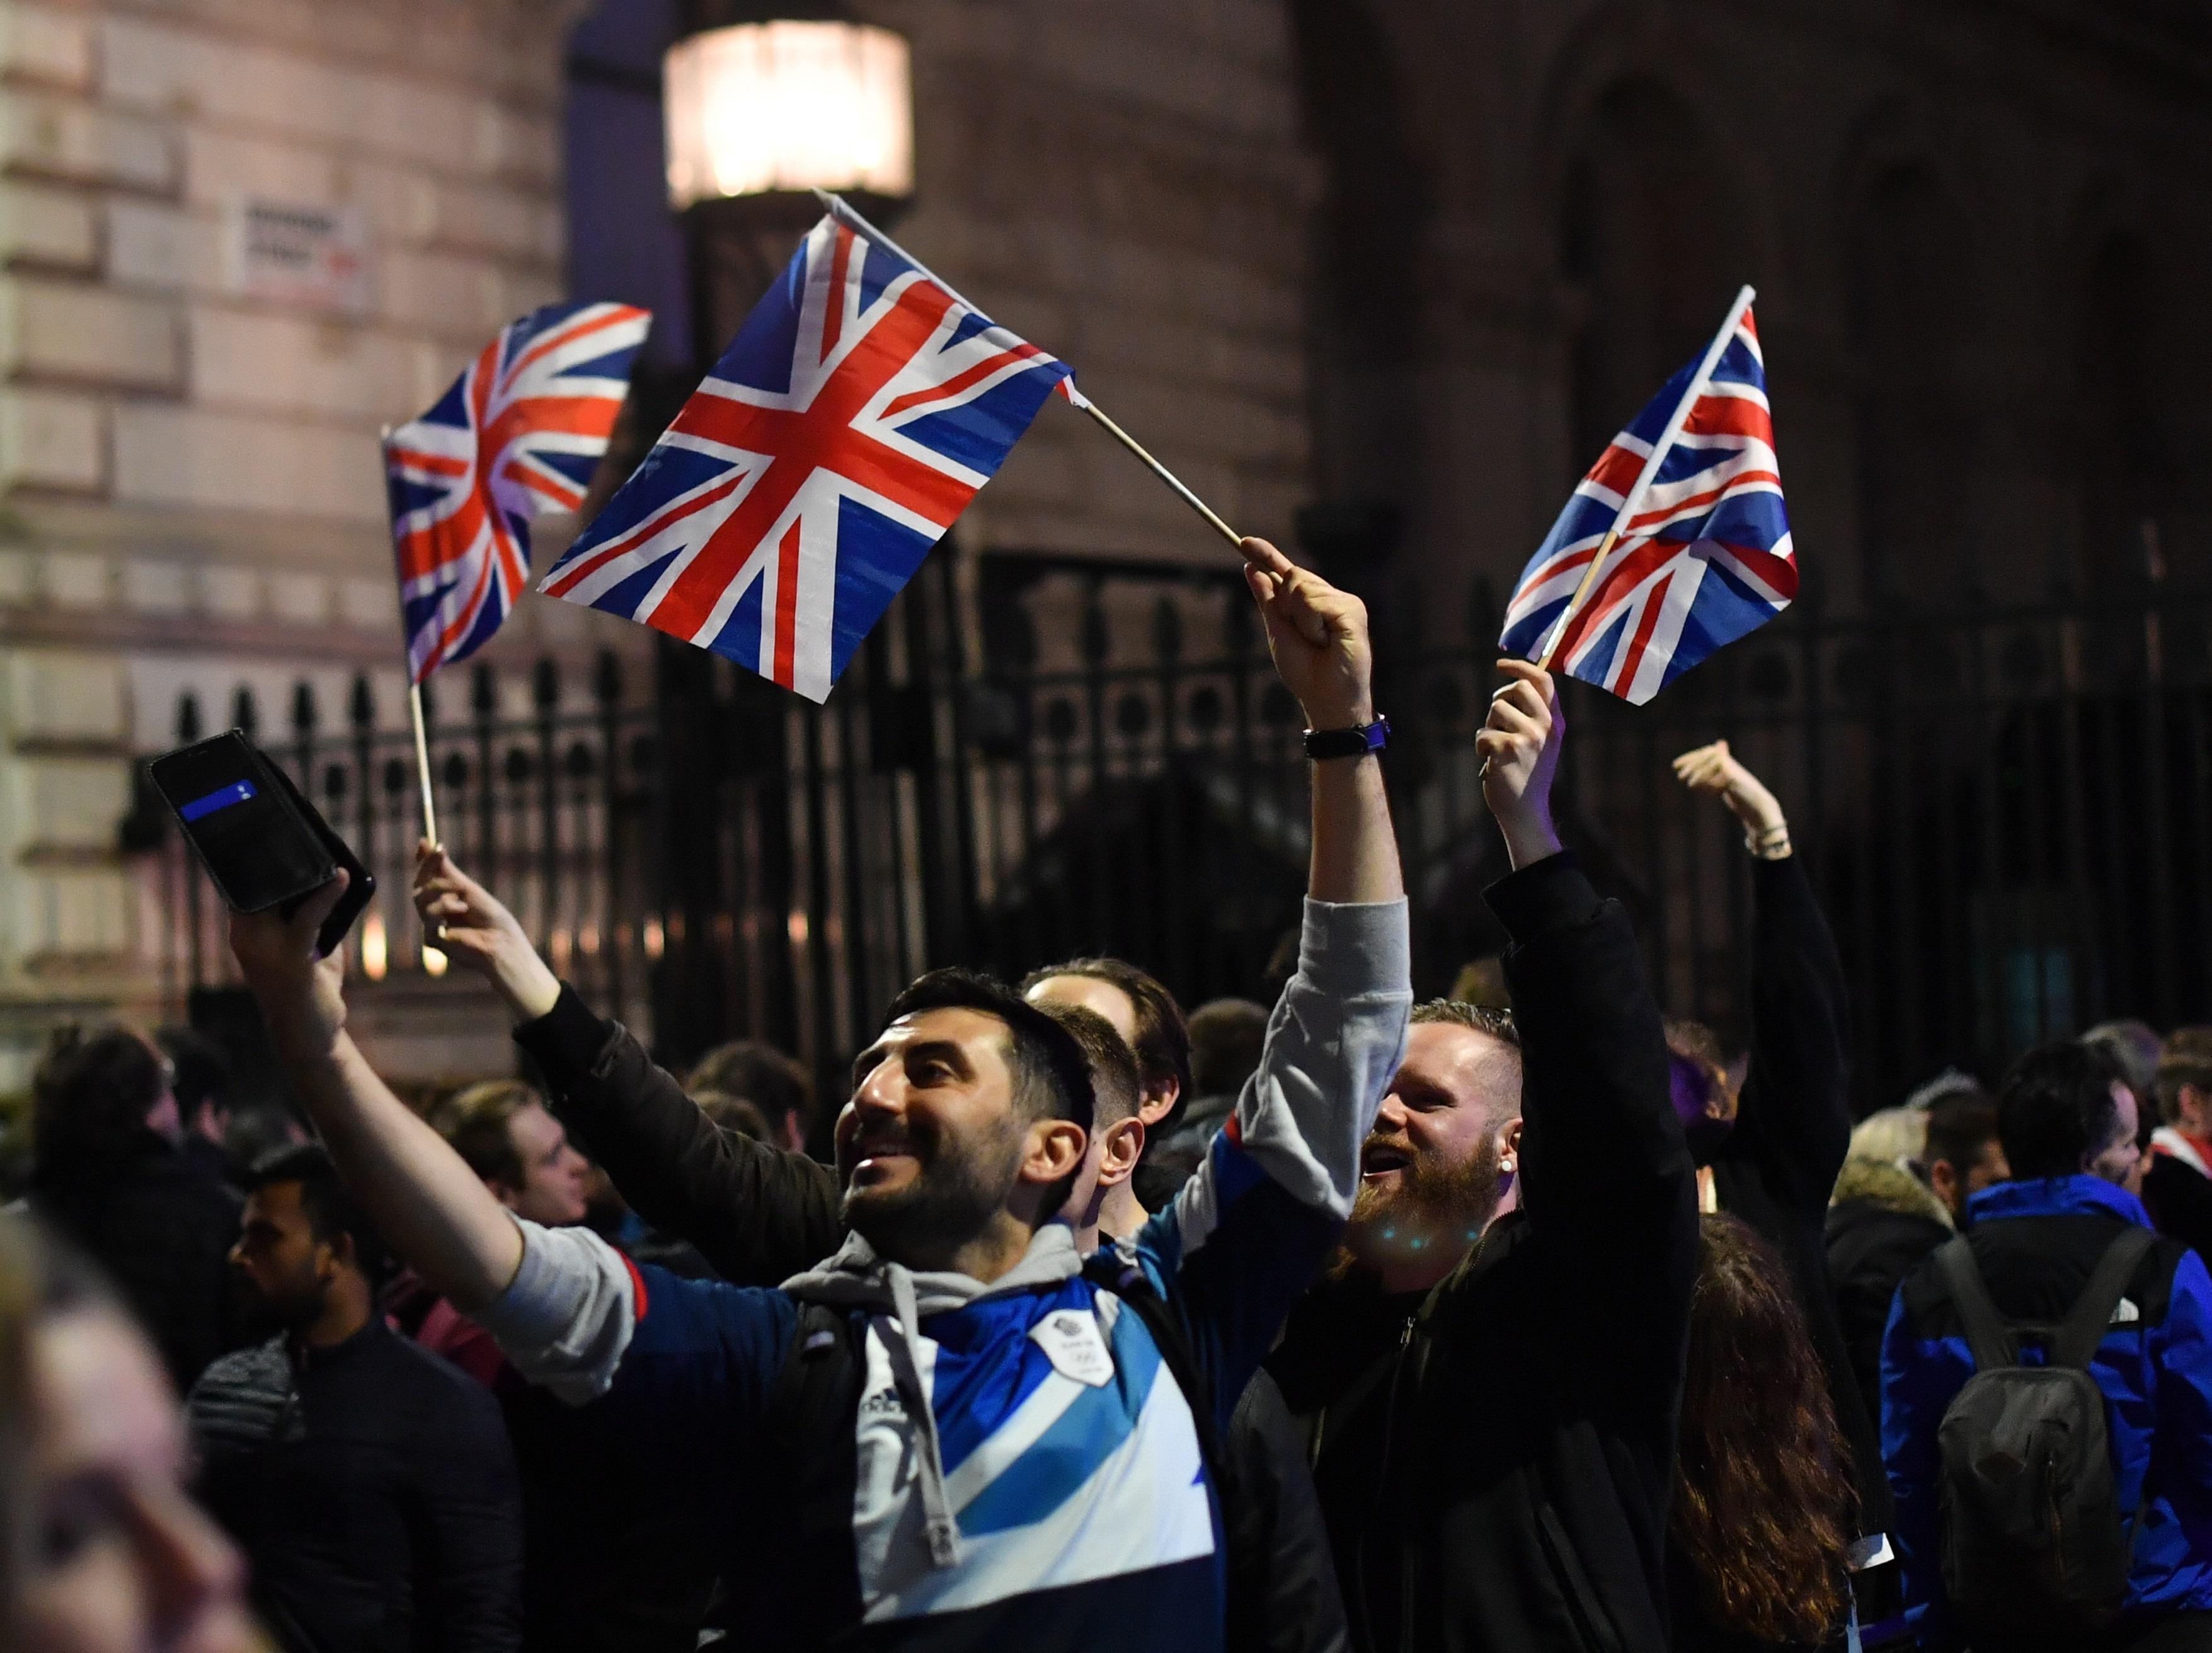 Βαρβιτσιώτης για Brexit: Η Μεγάλη Βρετανία παραμένει πάντα φίλος της Ελλάδας